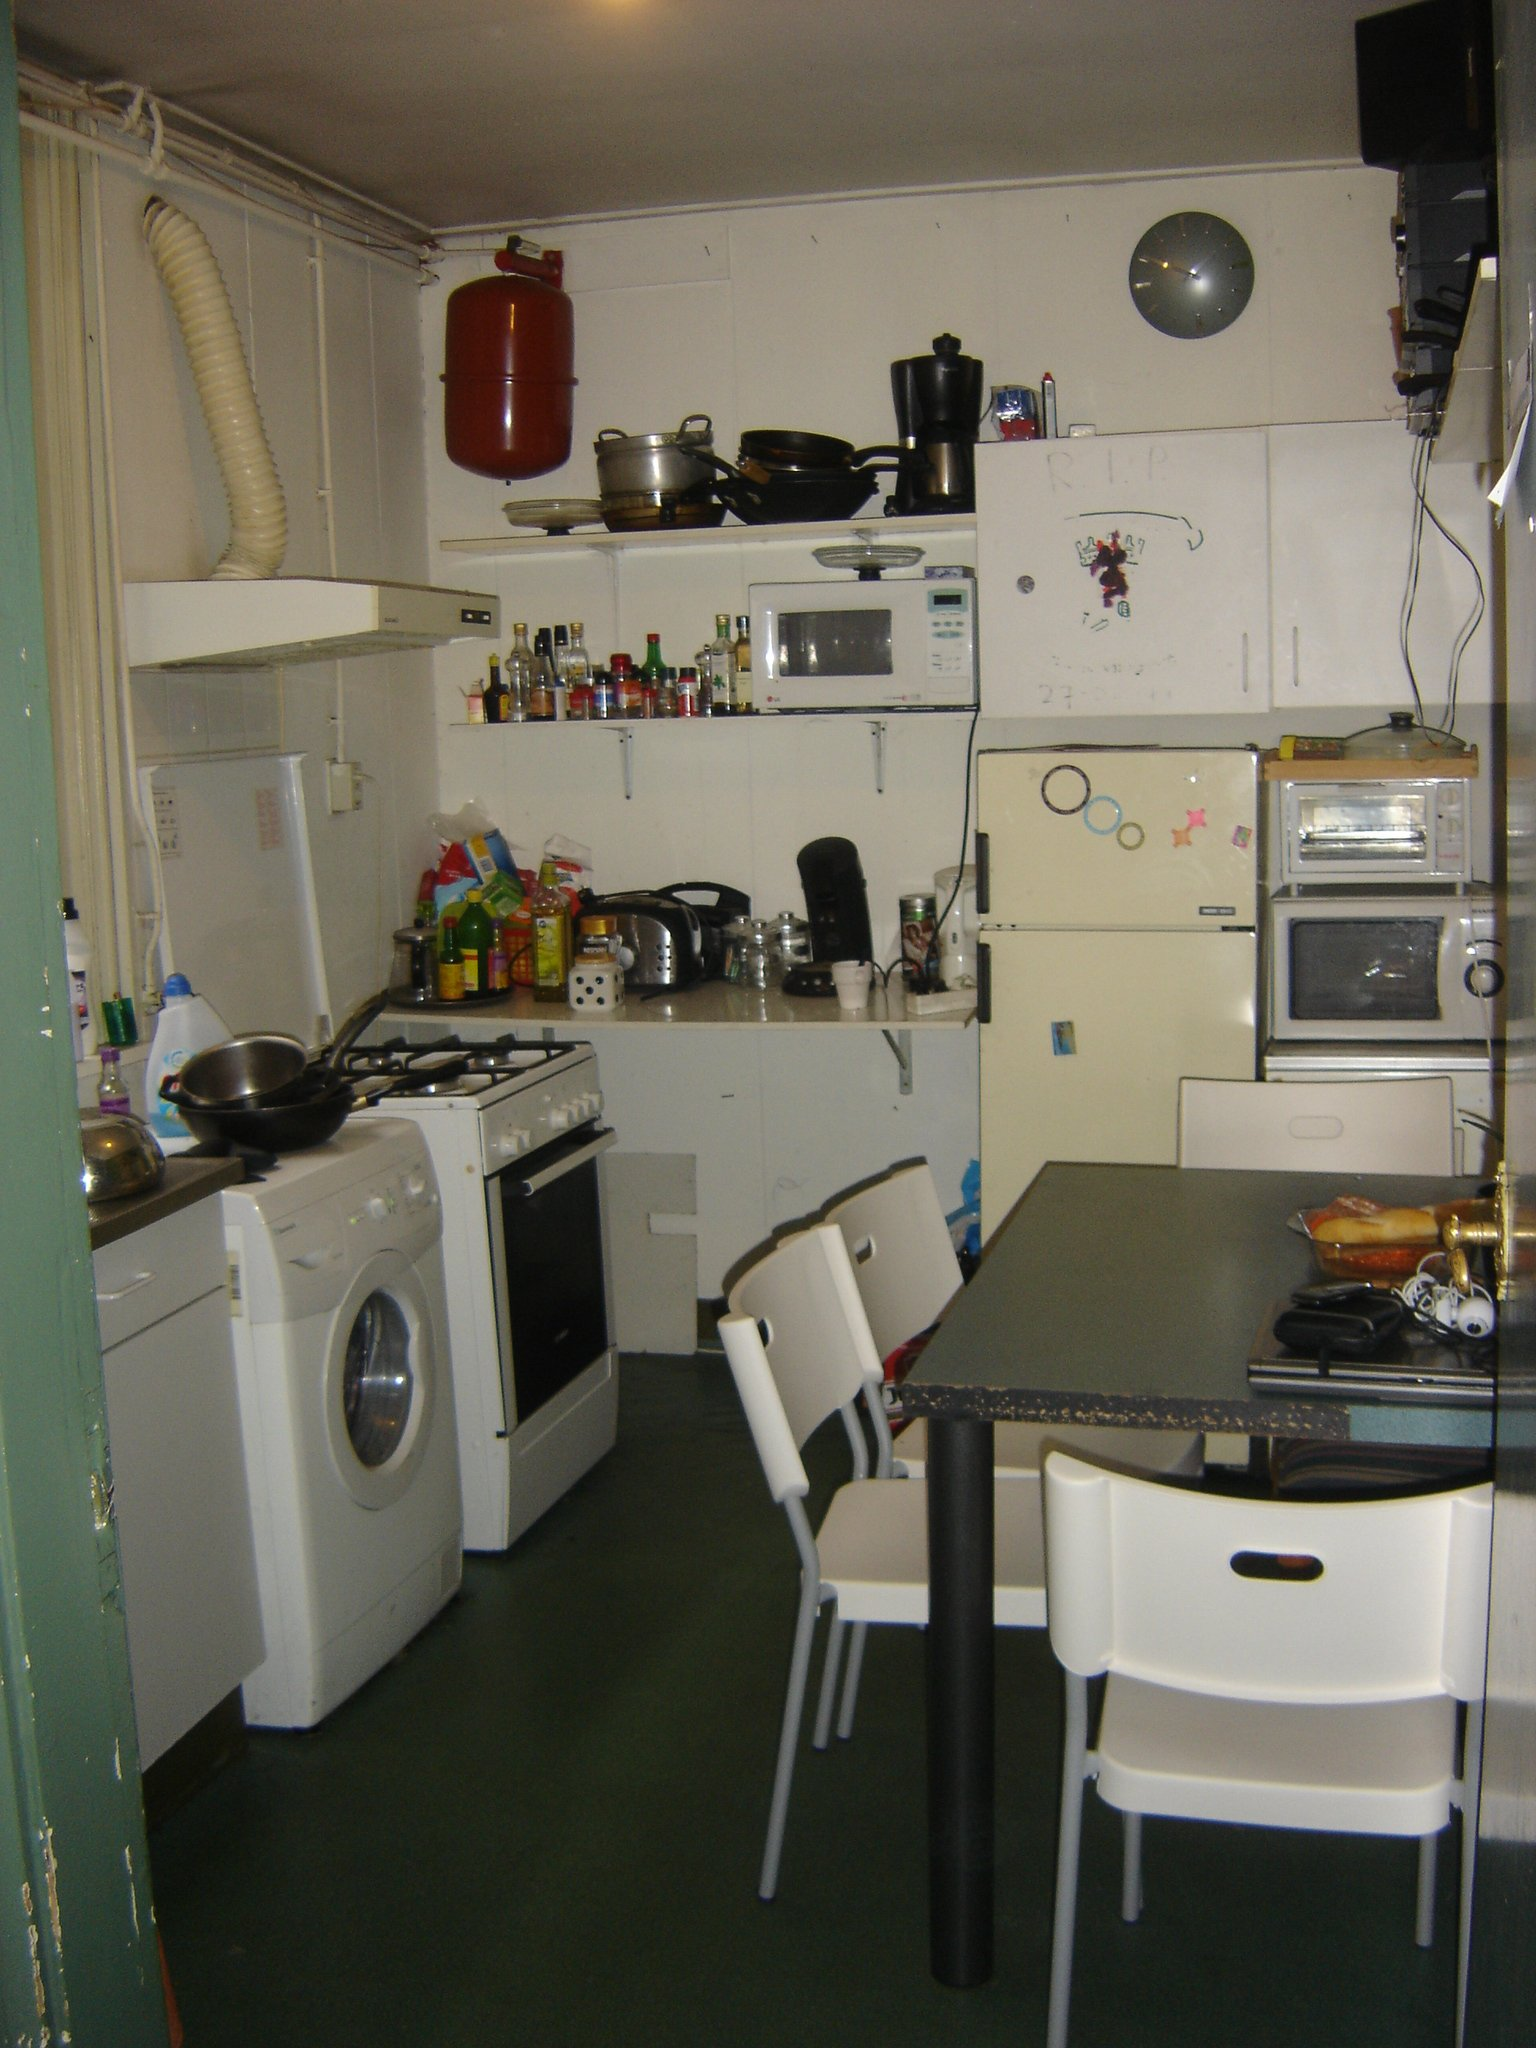 Ma petite cuisine - Toute petite cuisine ...